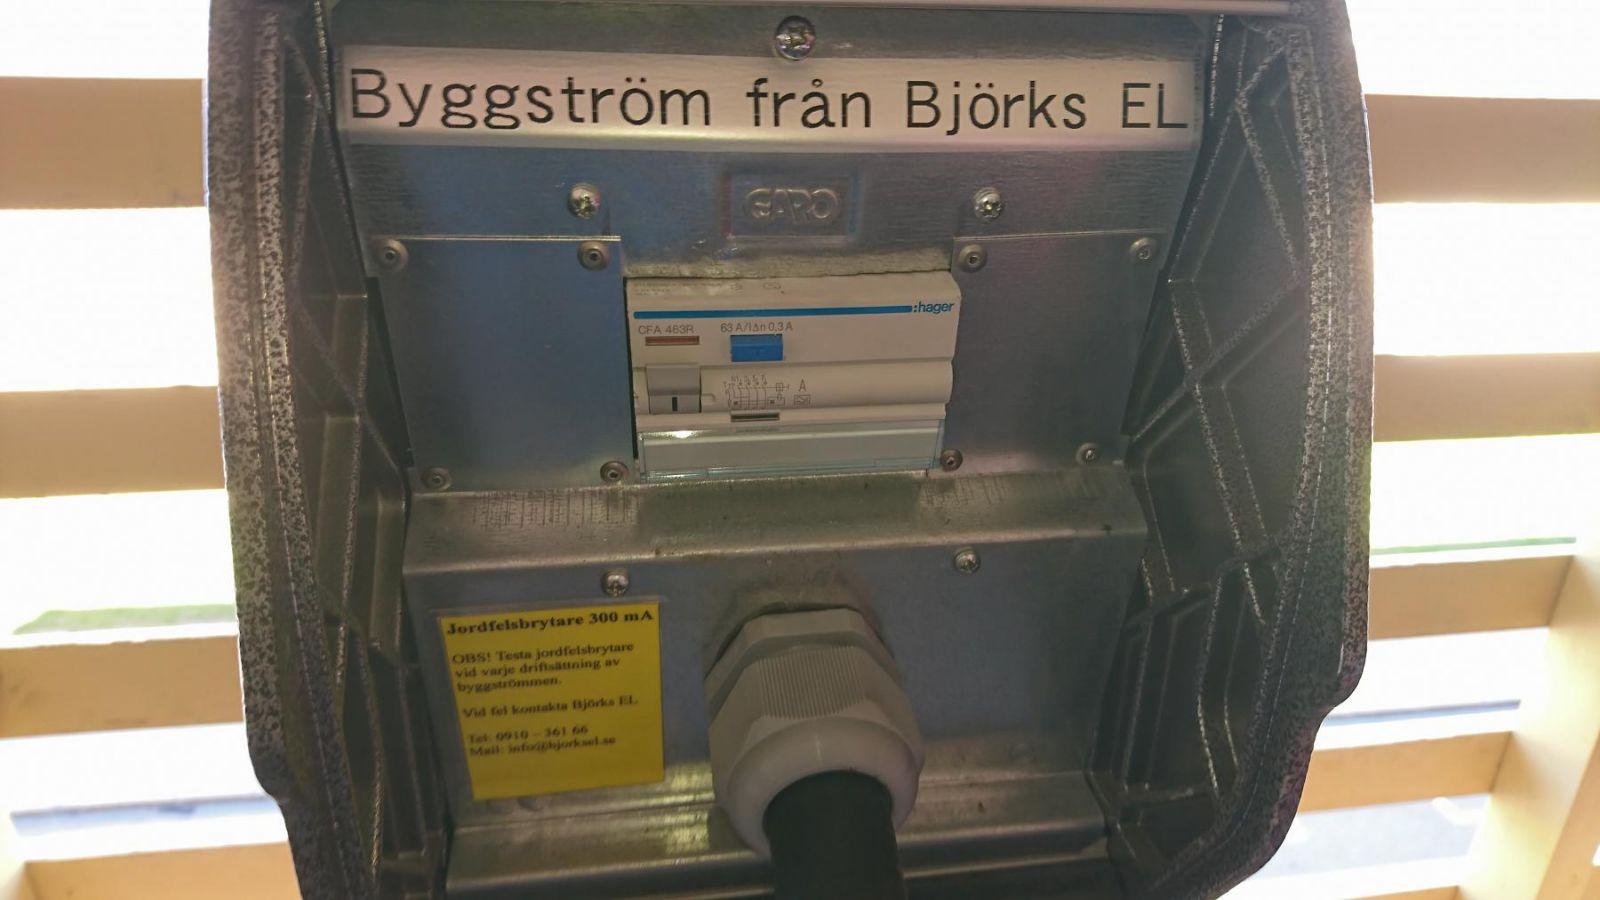 63A-byggstrom-fran-motorvarmarcentral-2.jpg